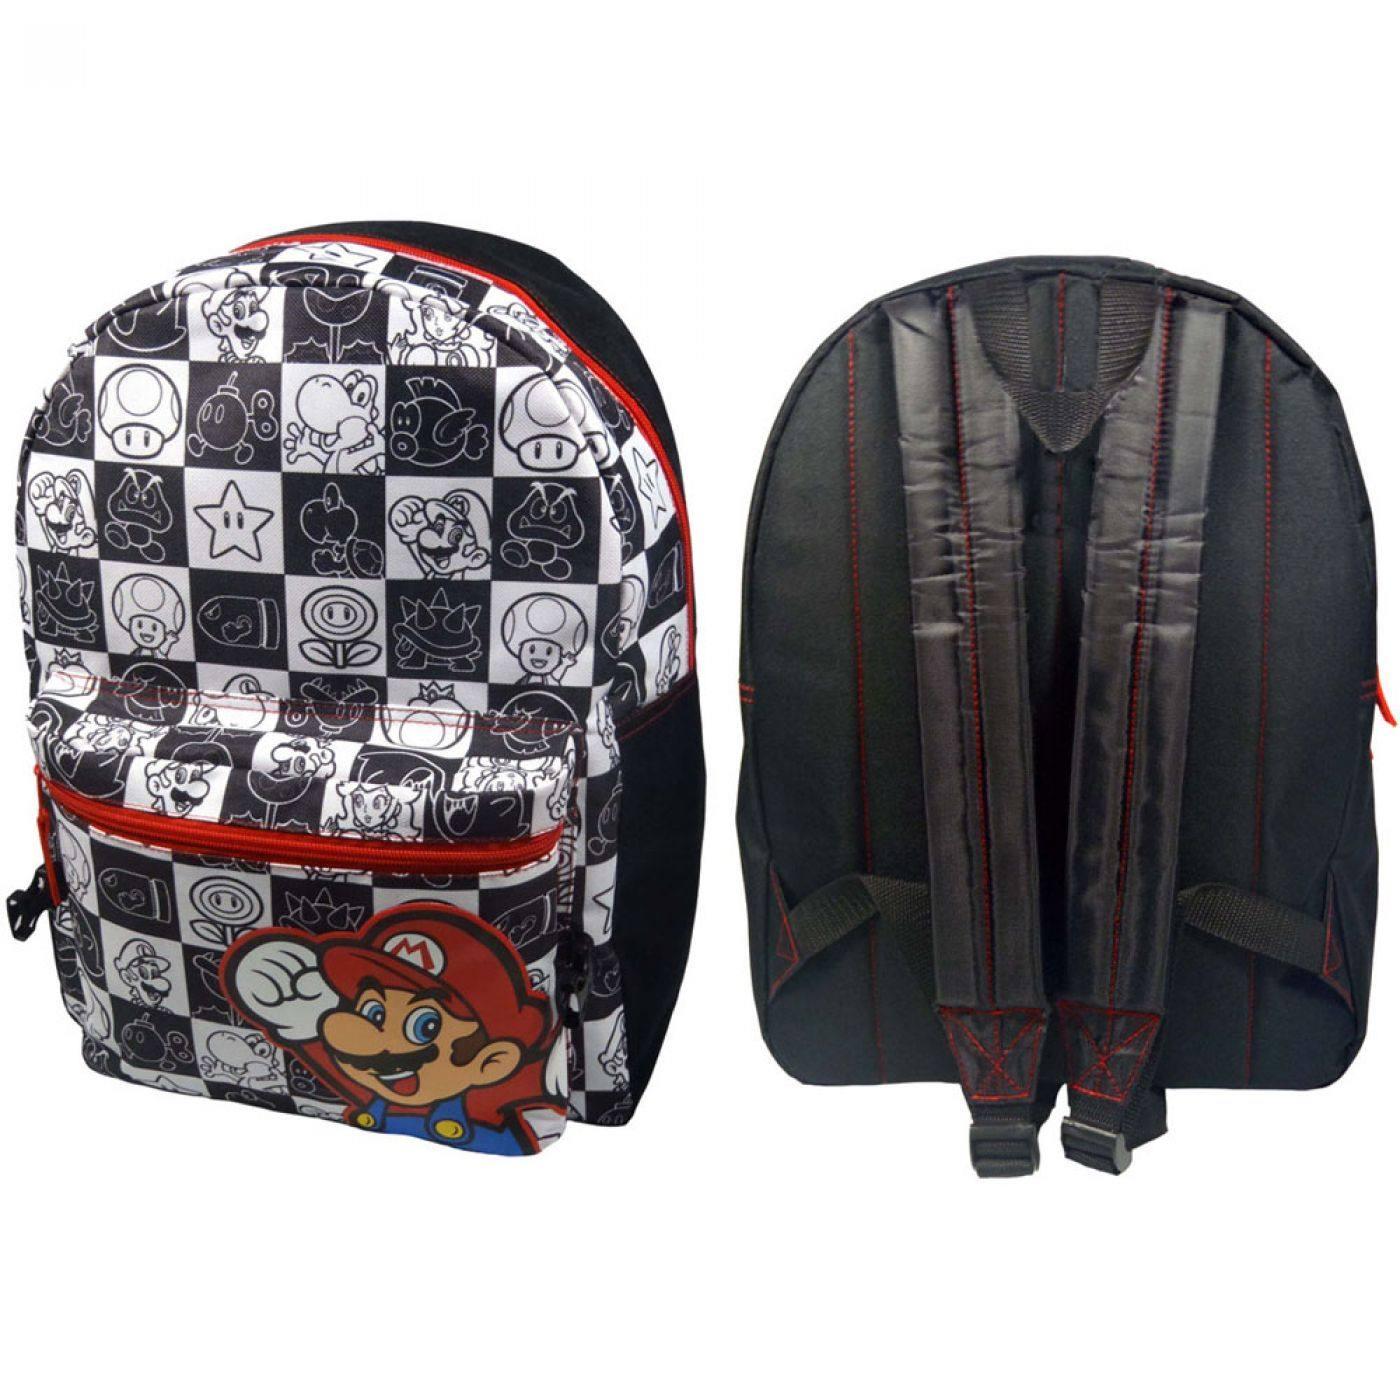 Nintendo Super Mario Bros backpack